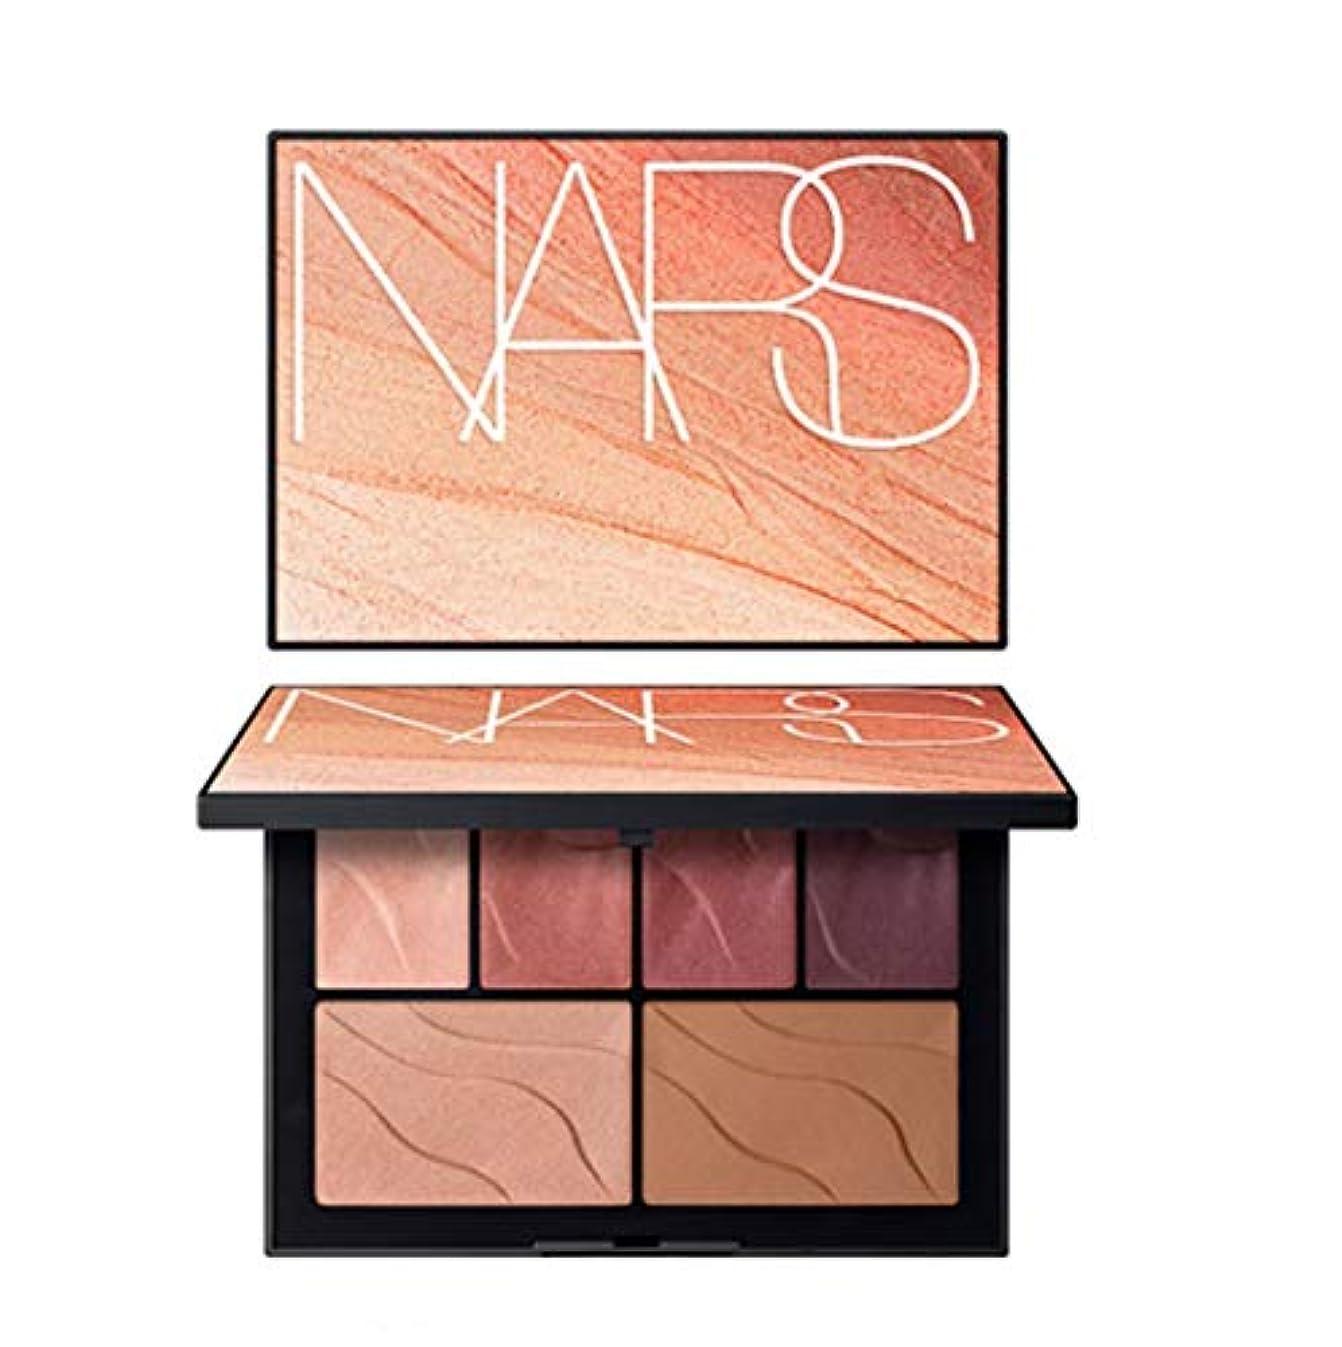 優れたブレイズ保証NARS(ナーズ)[2019 Summer Color Collection] Face Palette HEAT OF THE NIGHT #hot lights(並行輸入品)